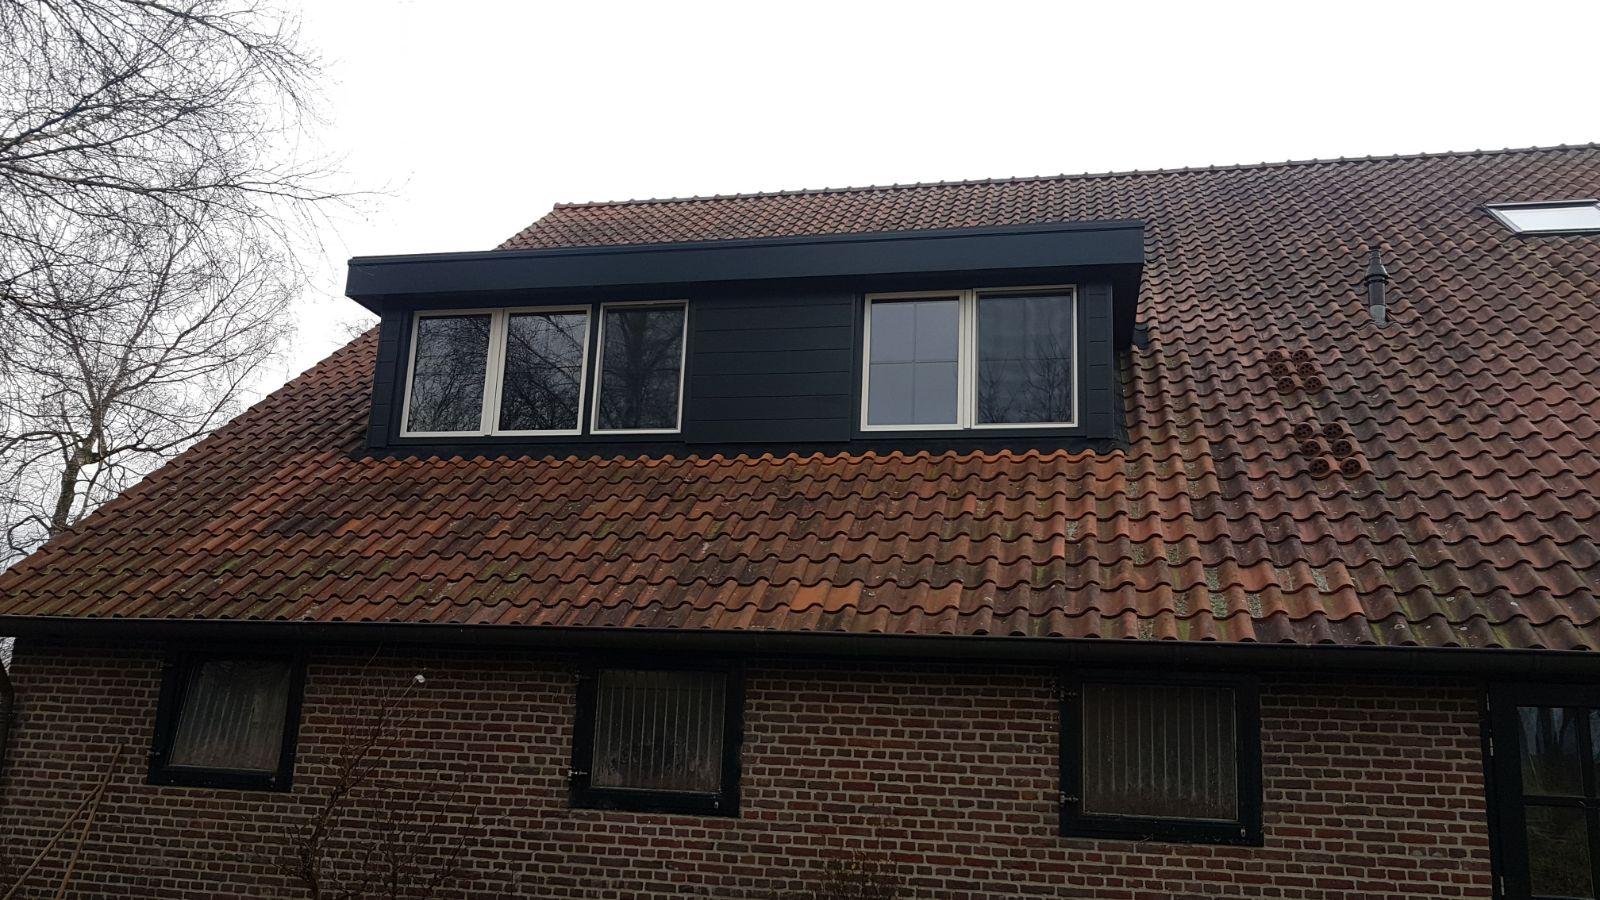 nieuwe dakkapel appartementen